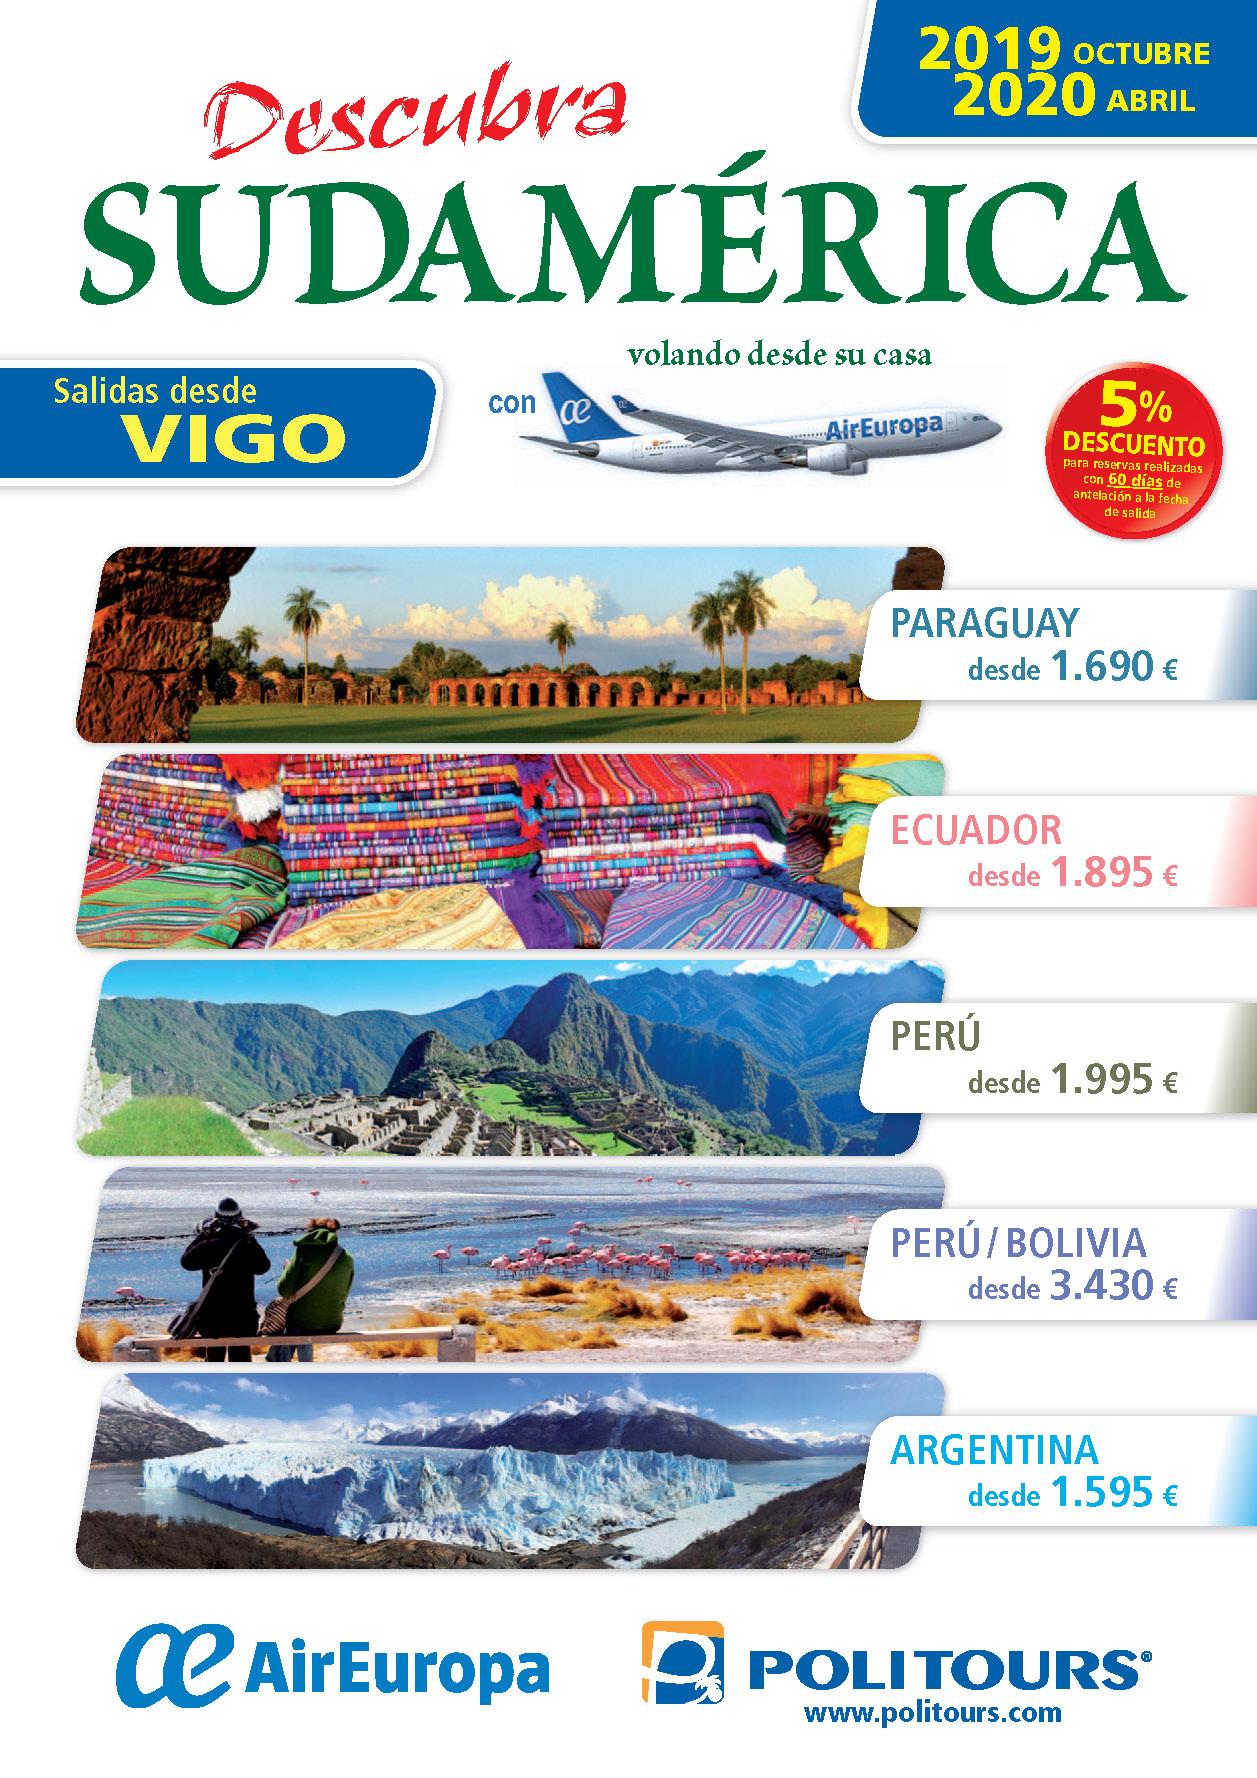 Catalogo Politours Sudamerica desde Vigo 2019-2020